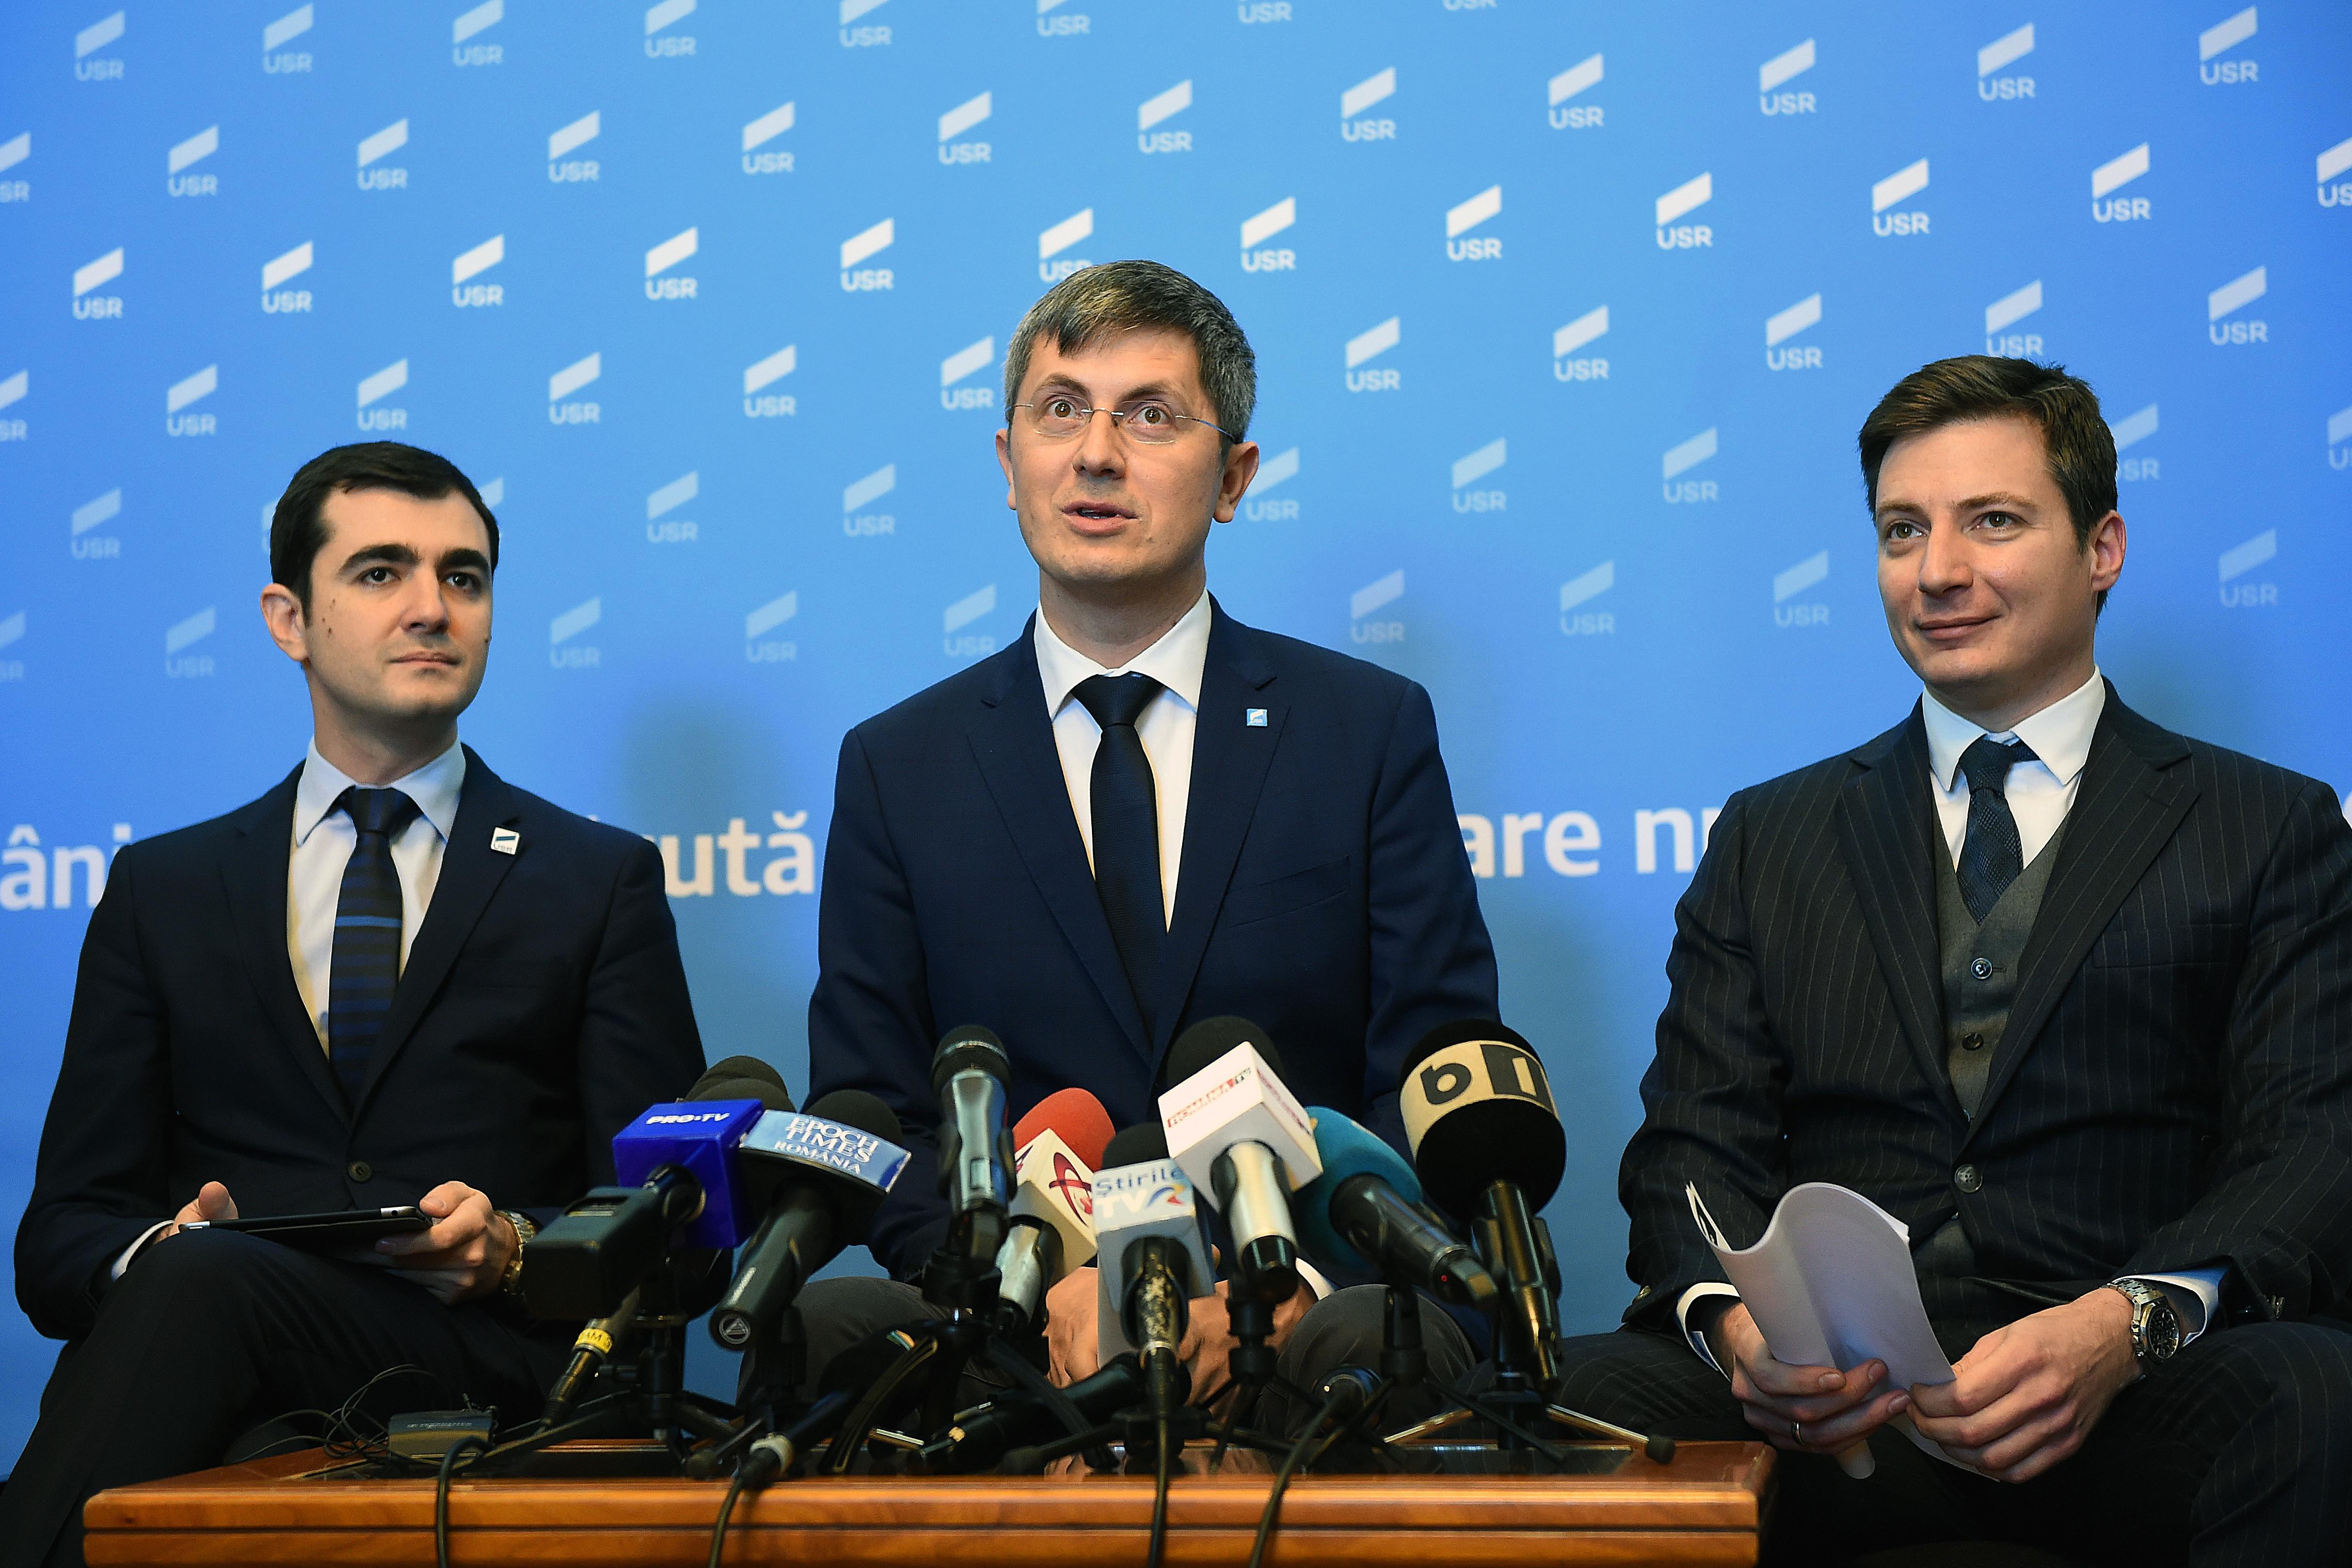 Andrei Caramitru: Așa câștigă Iohannis. Vasilica în turul 2 și crește PSD-ul iar spre 30%